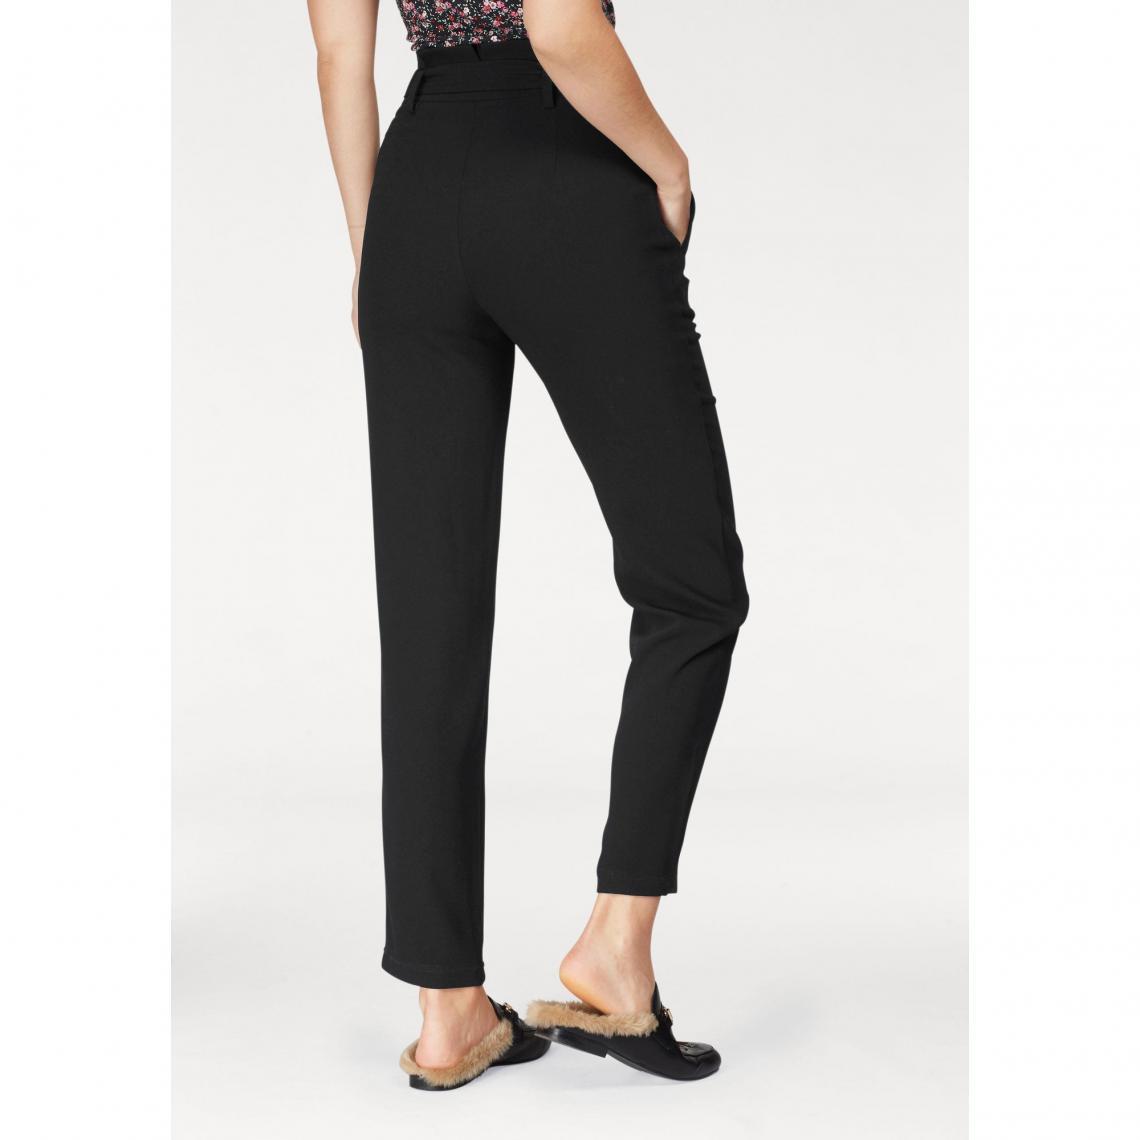 6c7920b47c0e7 Pantalon taille haute avec ceinture à nouer femme AJC - Noir | 3 SUISSES